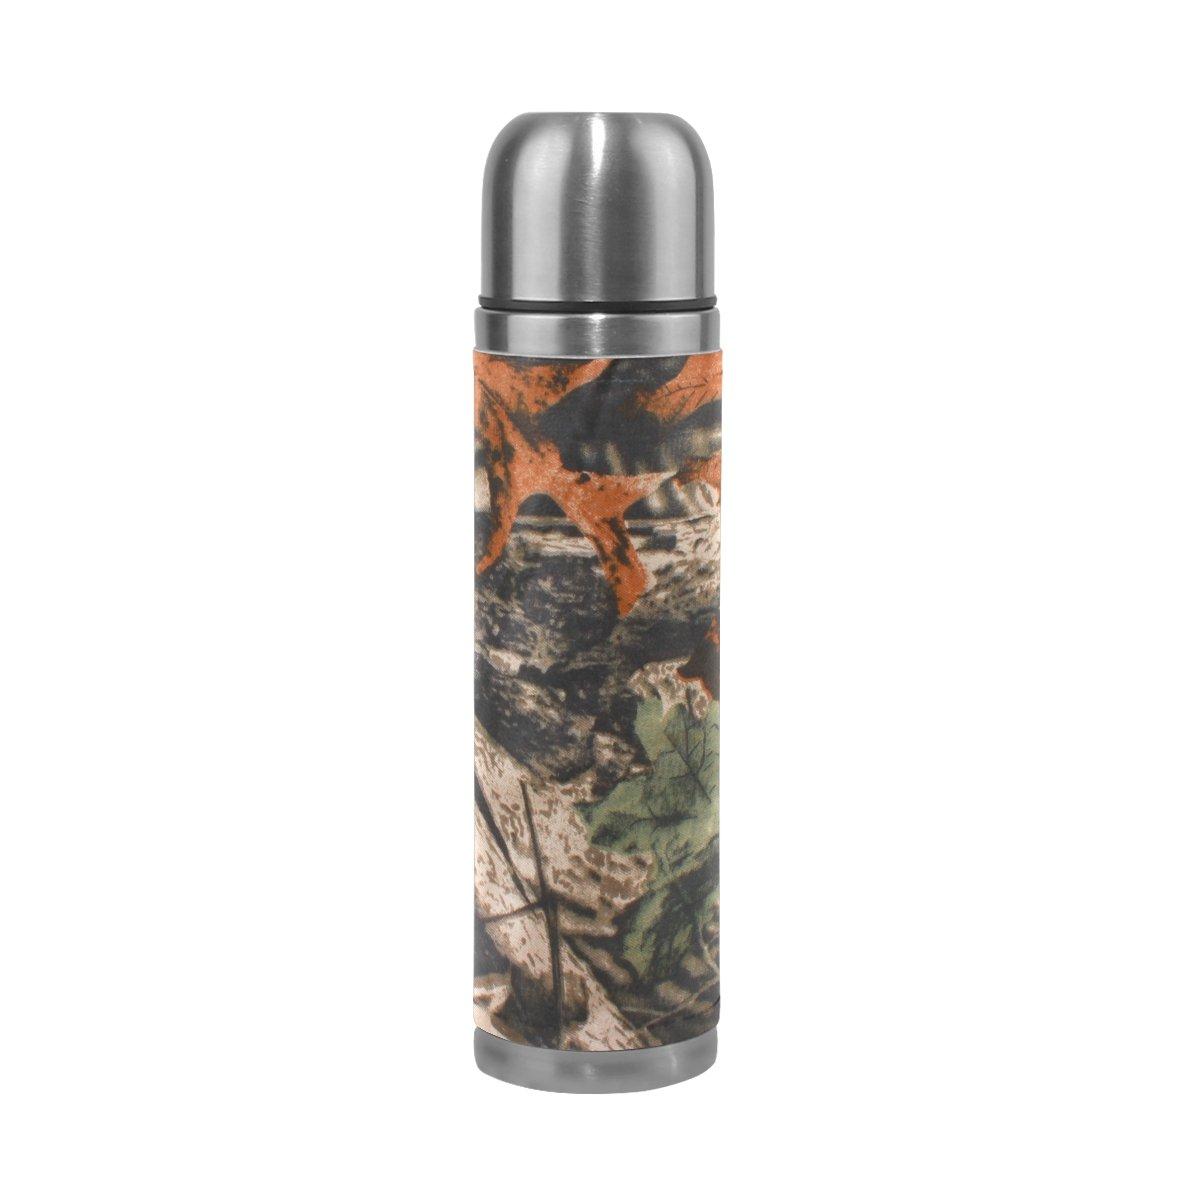 2019特集 Alaza Real Real Tree Camouflage真空断熱ステンレススチール水ボトル二重壁構造Leak B07546RMHT Proof魔法瓶フラスコ本革カバー17 oz Tree B07546RMHT, 宇土市:8c79a928 --- a0267596.xsph.ru